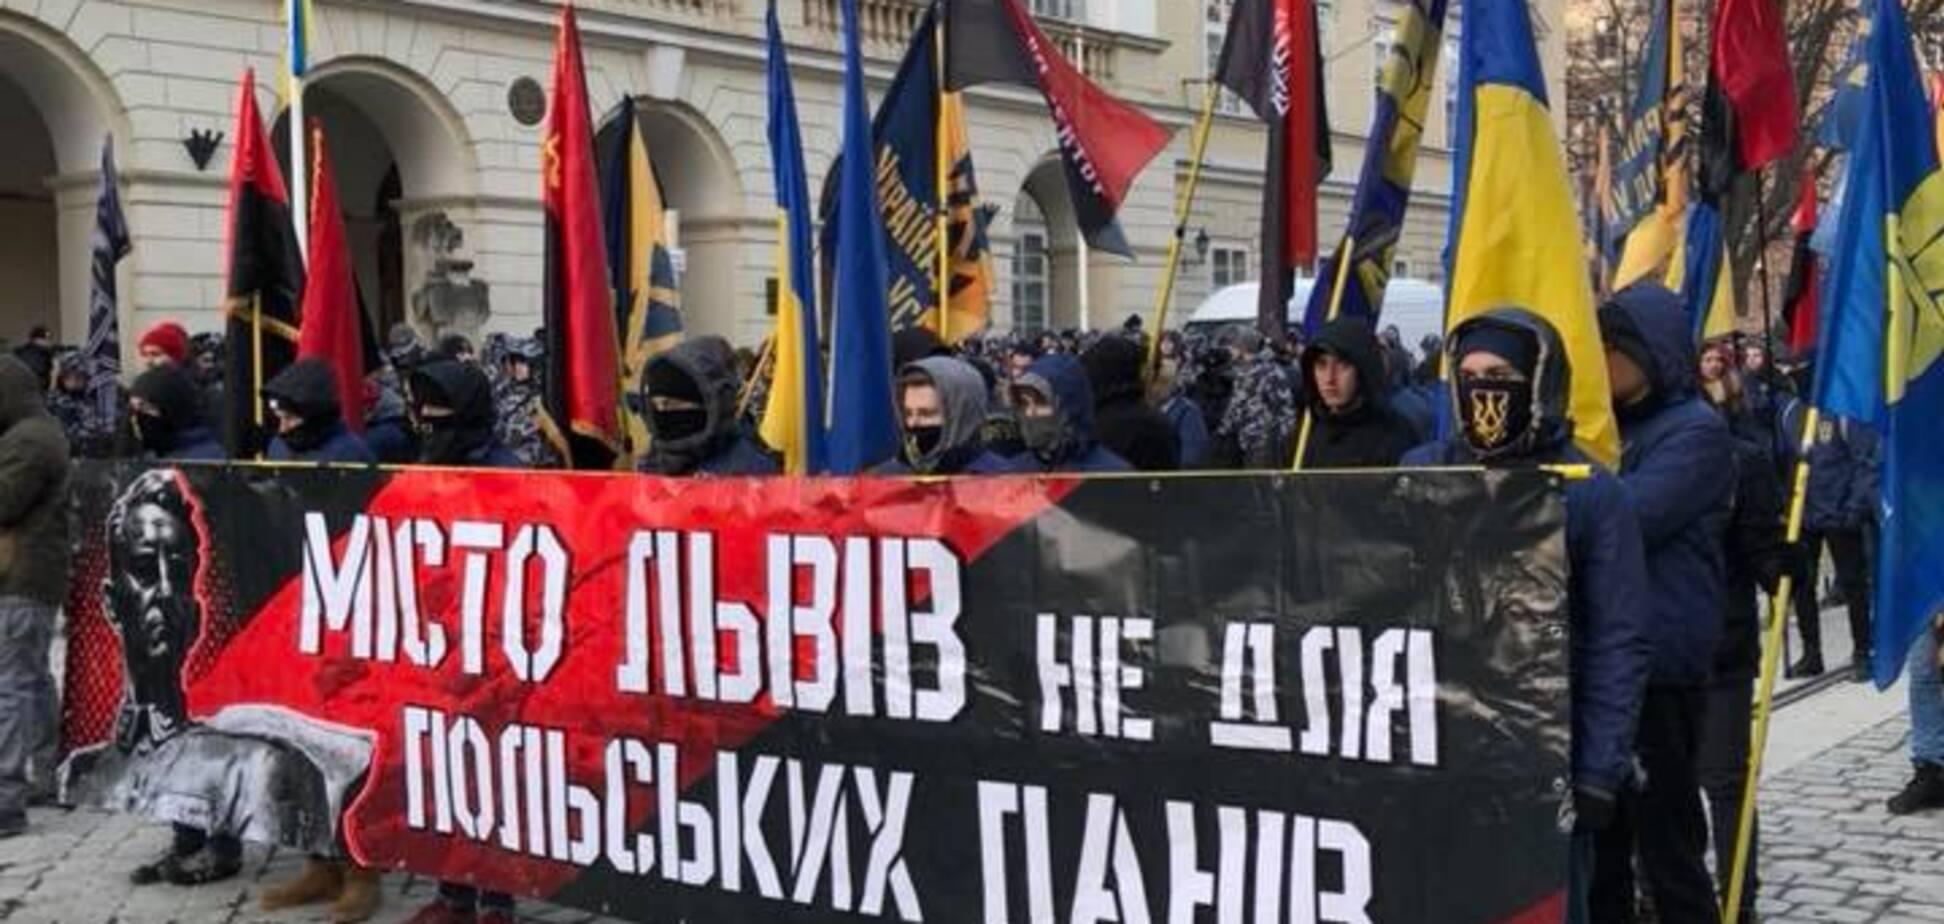 Во Львове ответили на 'антибандеровские' выходки Польши